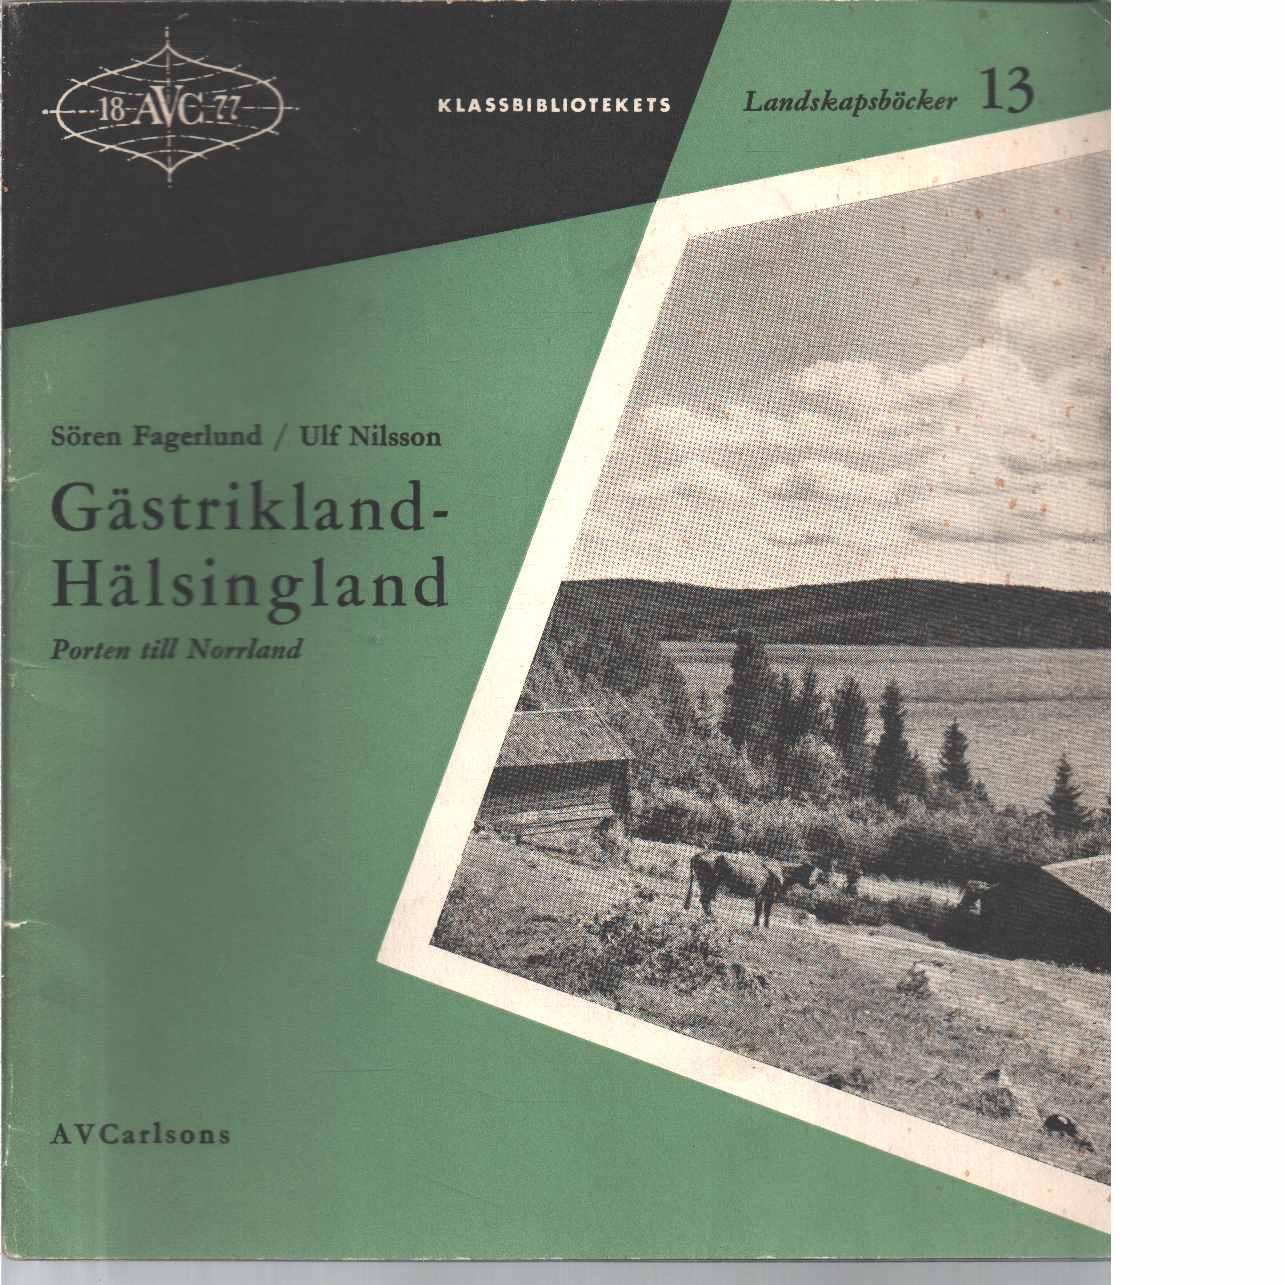 Gästrikland - Hälsingland : porten till Norrland - Fagerlund, Sören och Nilsson, Ulf